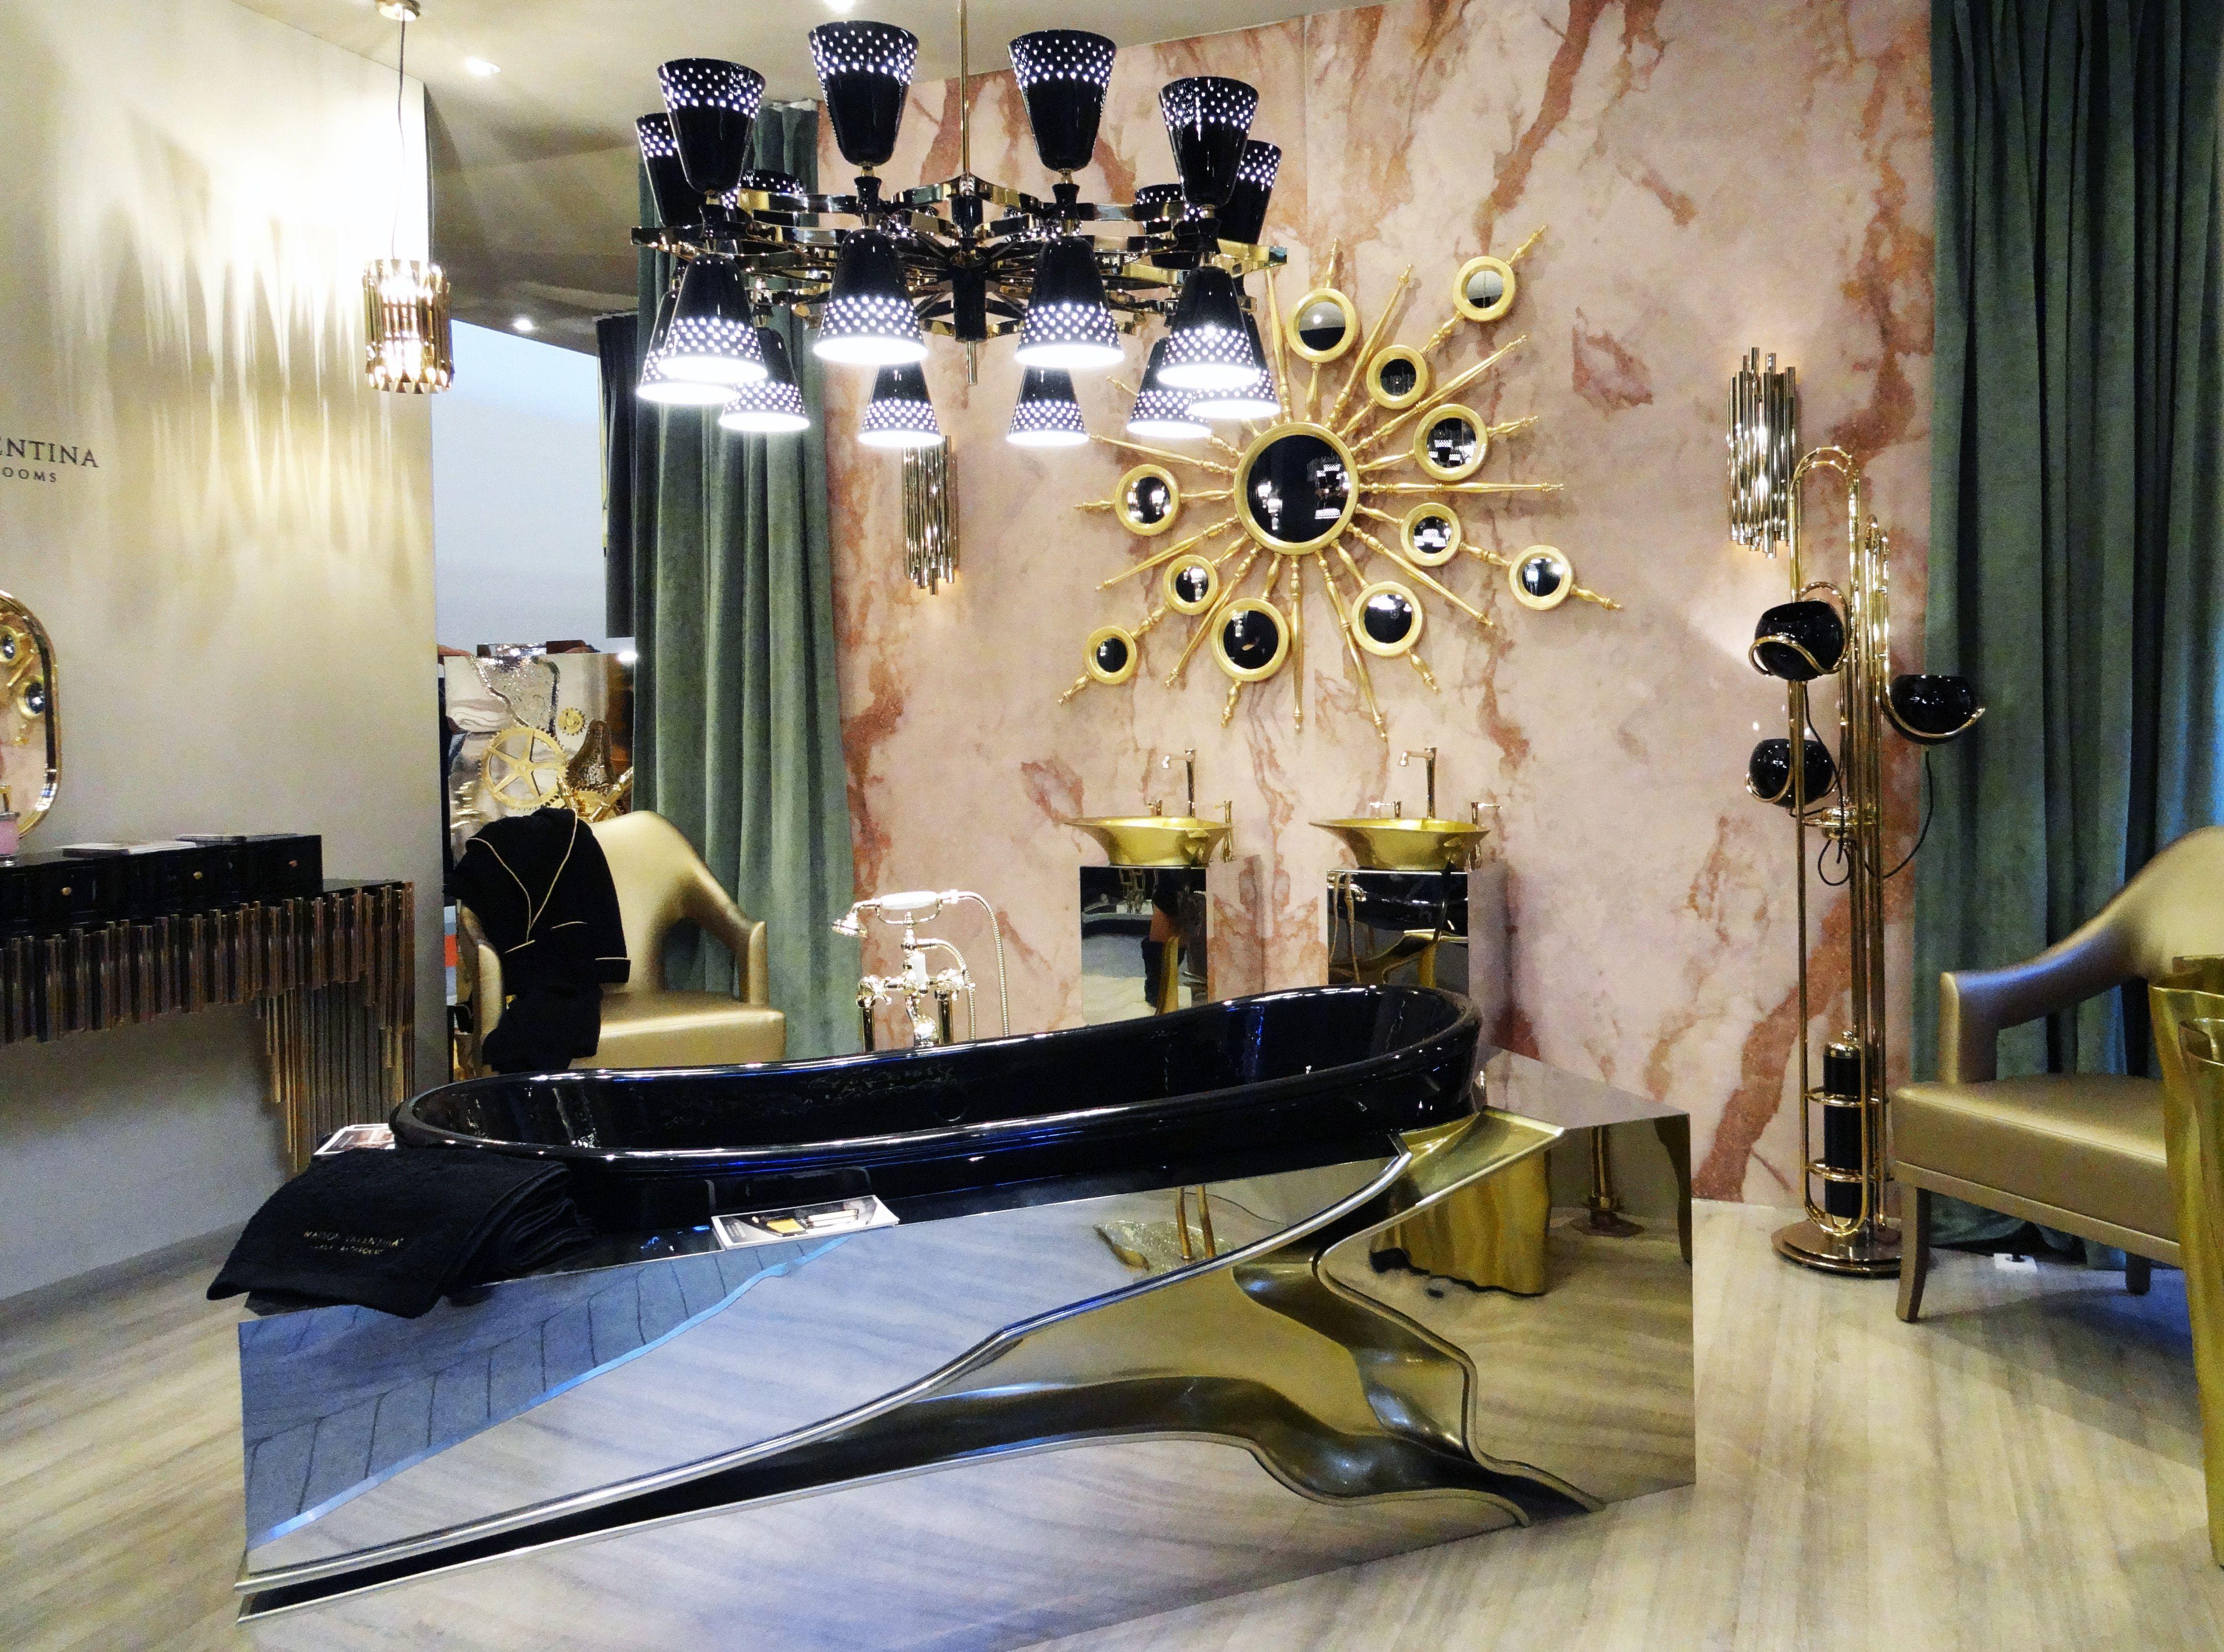 Salon maison et objet 2016 paris d coration int rieure design professionnels salle de bain - Salon de la salle de bain paris ...